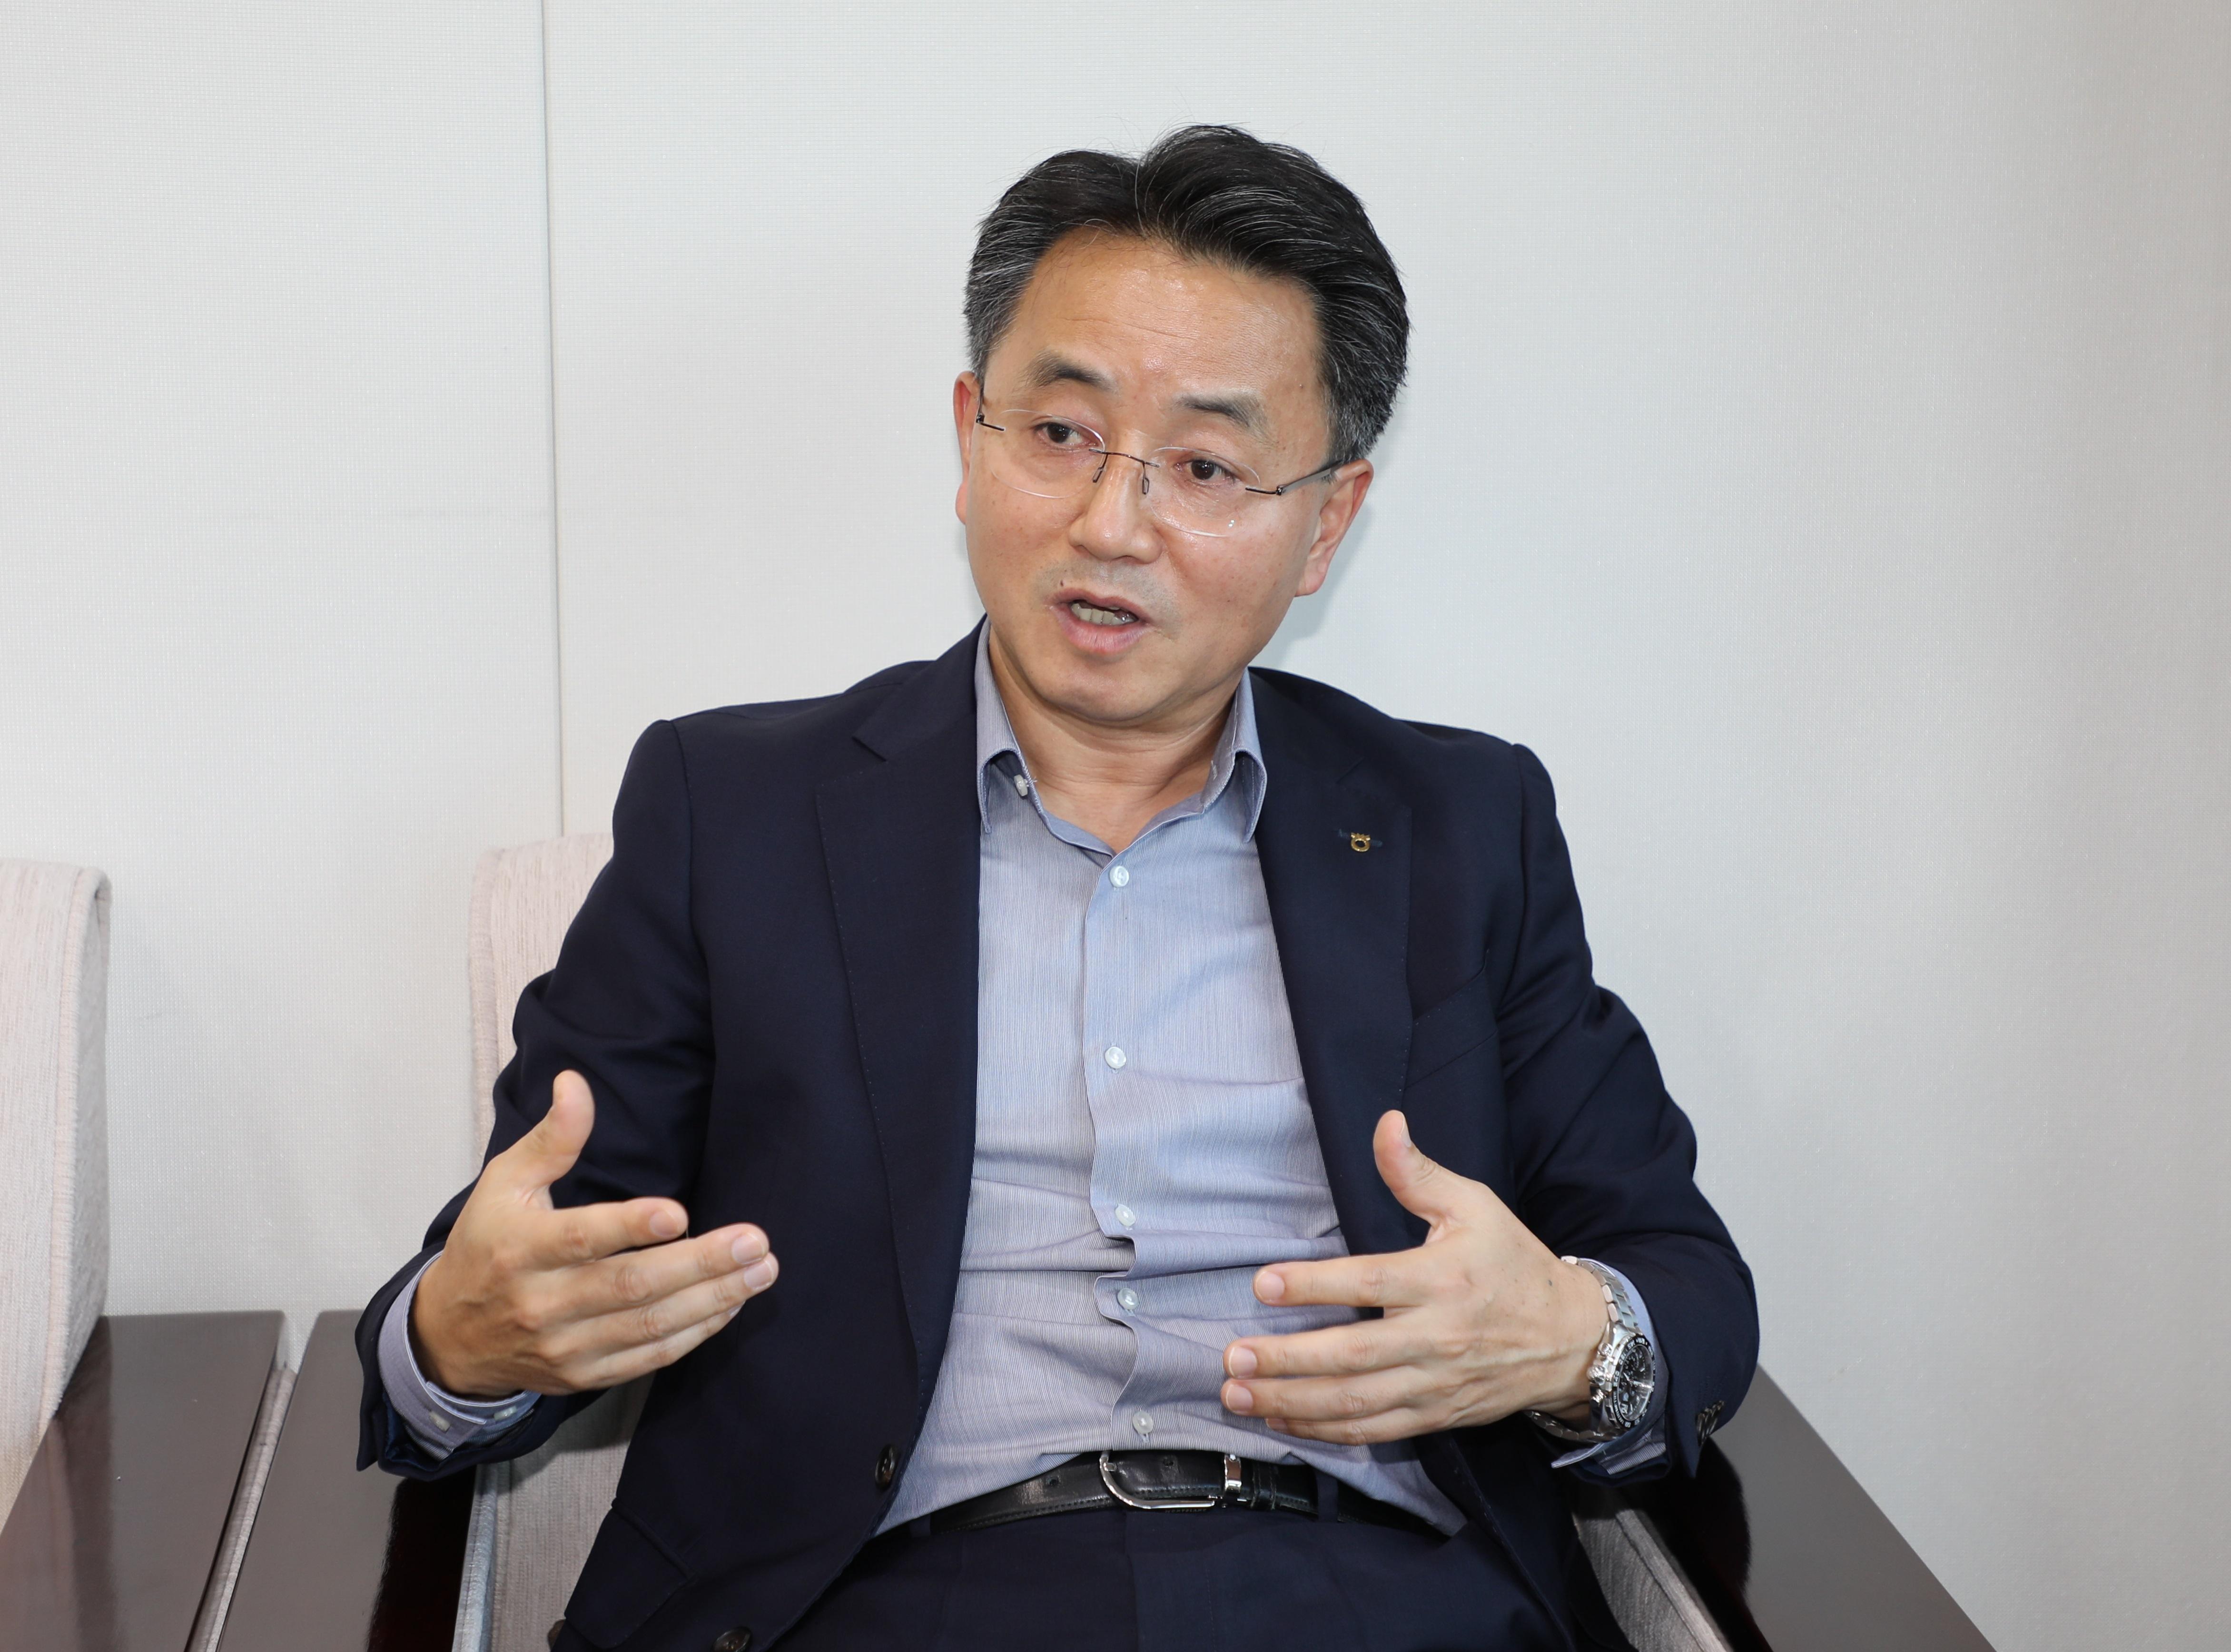 농협금융지주 부사장에 김인태 농협은행 부행장 선임